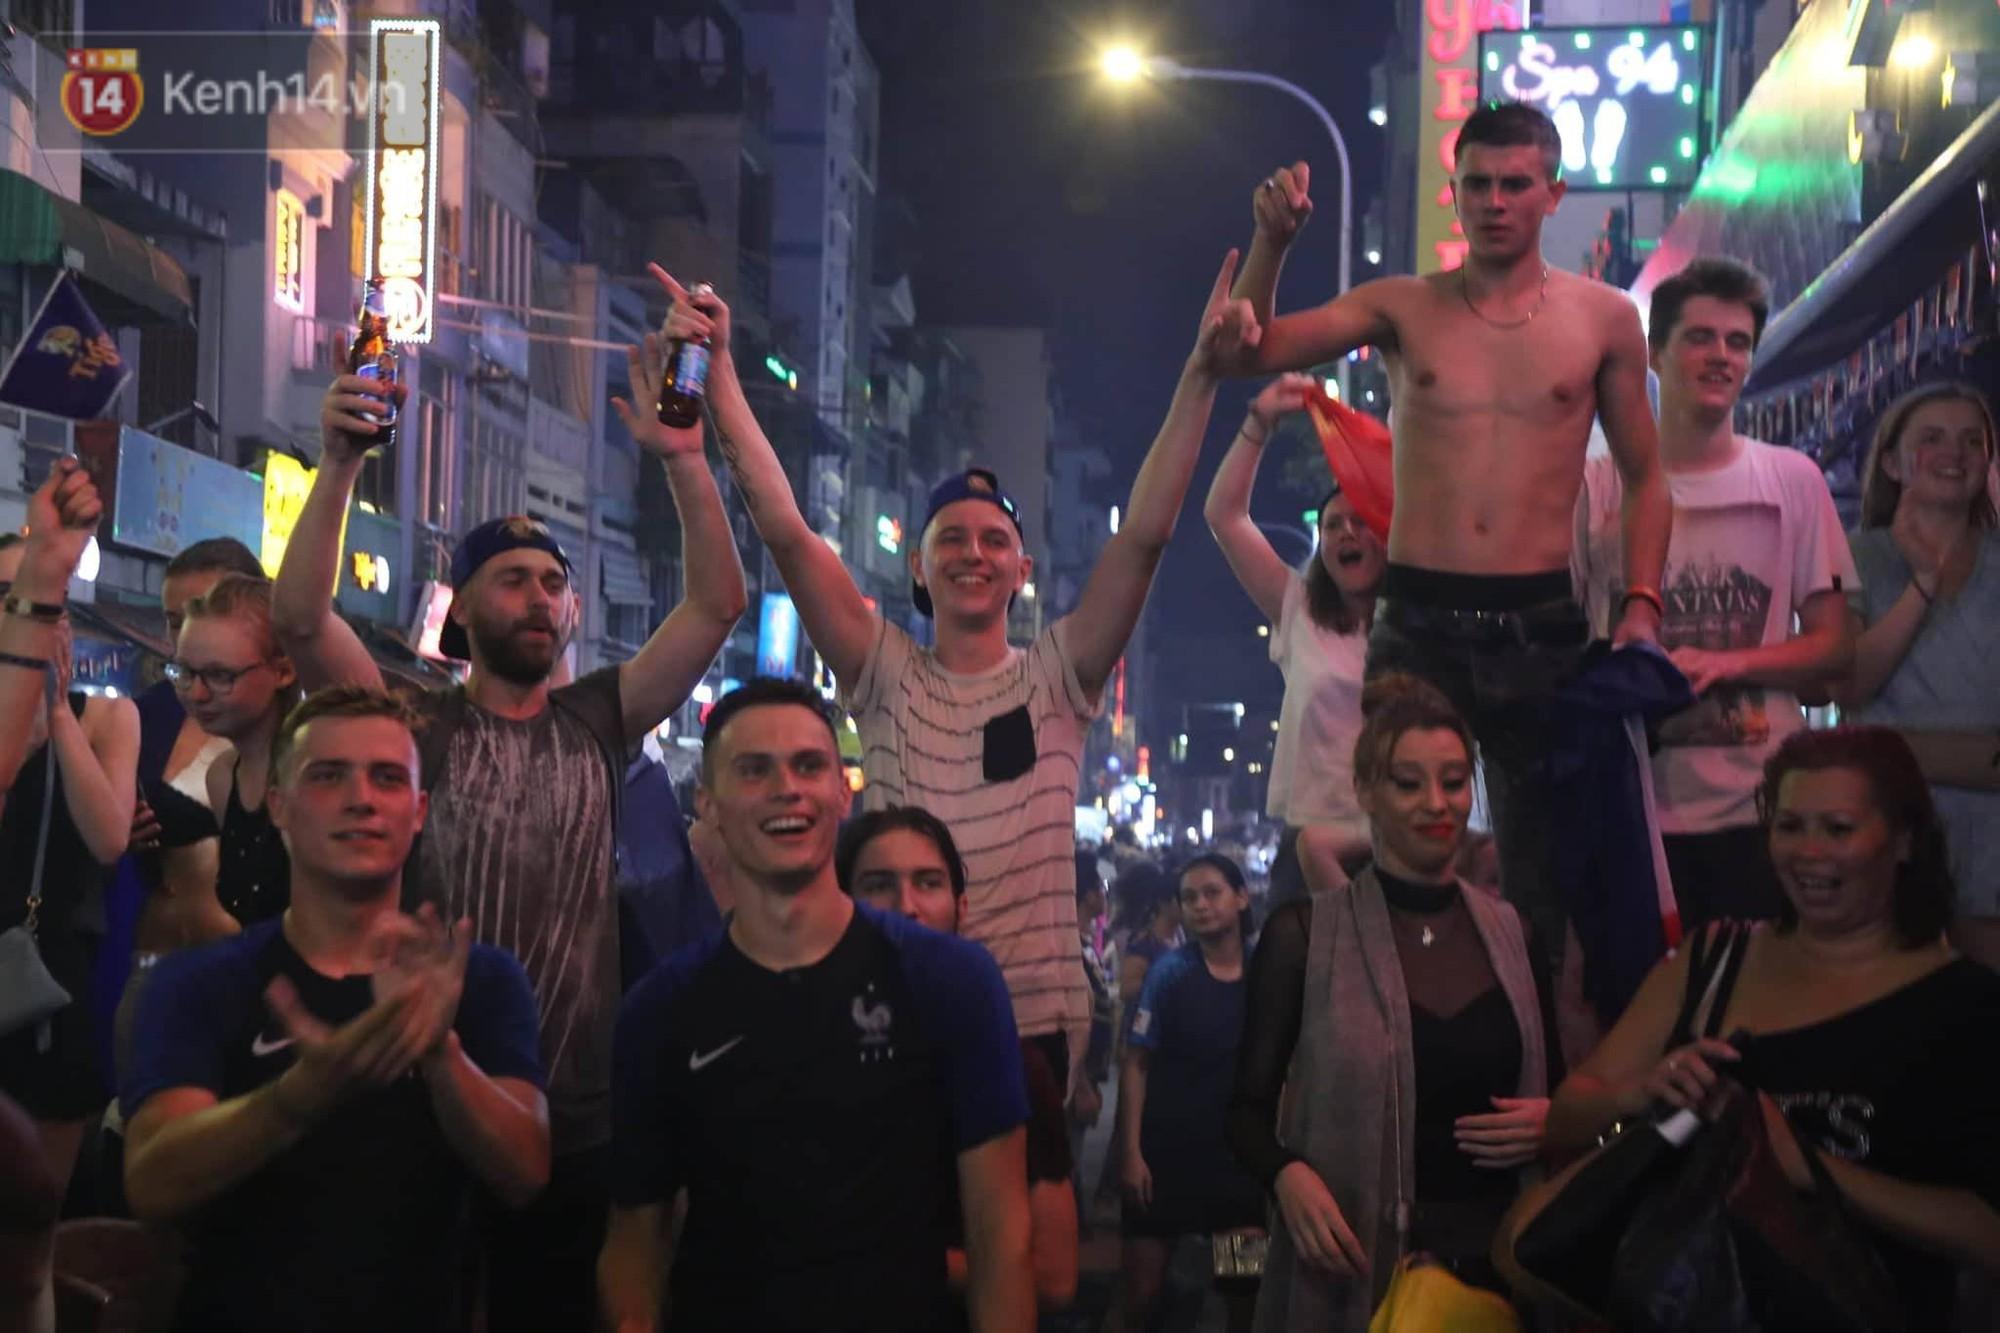 Nữ CĐV ở Sài Gòn cởi đồ, hò hét ăn mừng xuyên đêm tại phố Tây Bùi Viện khi Pháp vô địch World Cup sau 20 năm 5